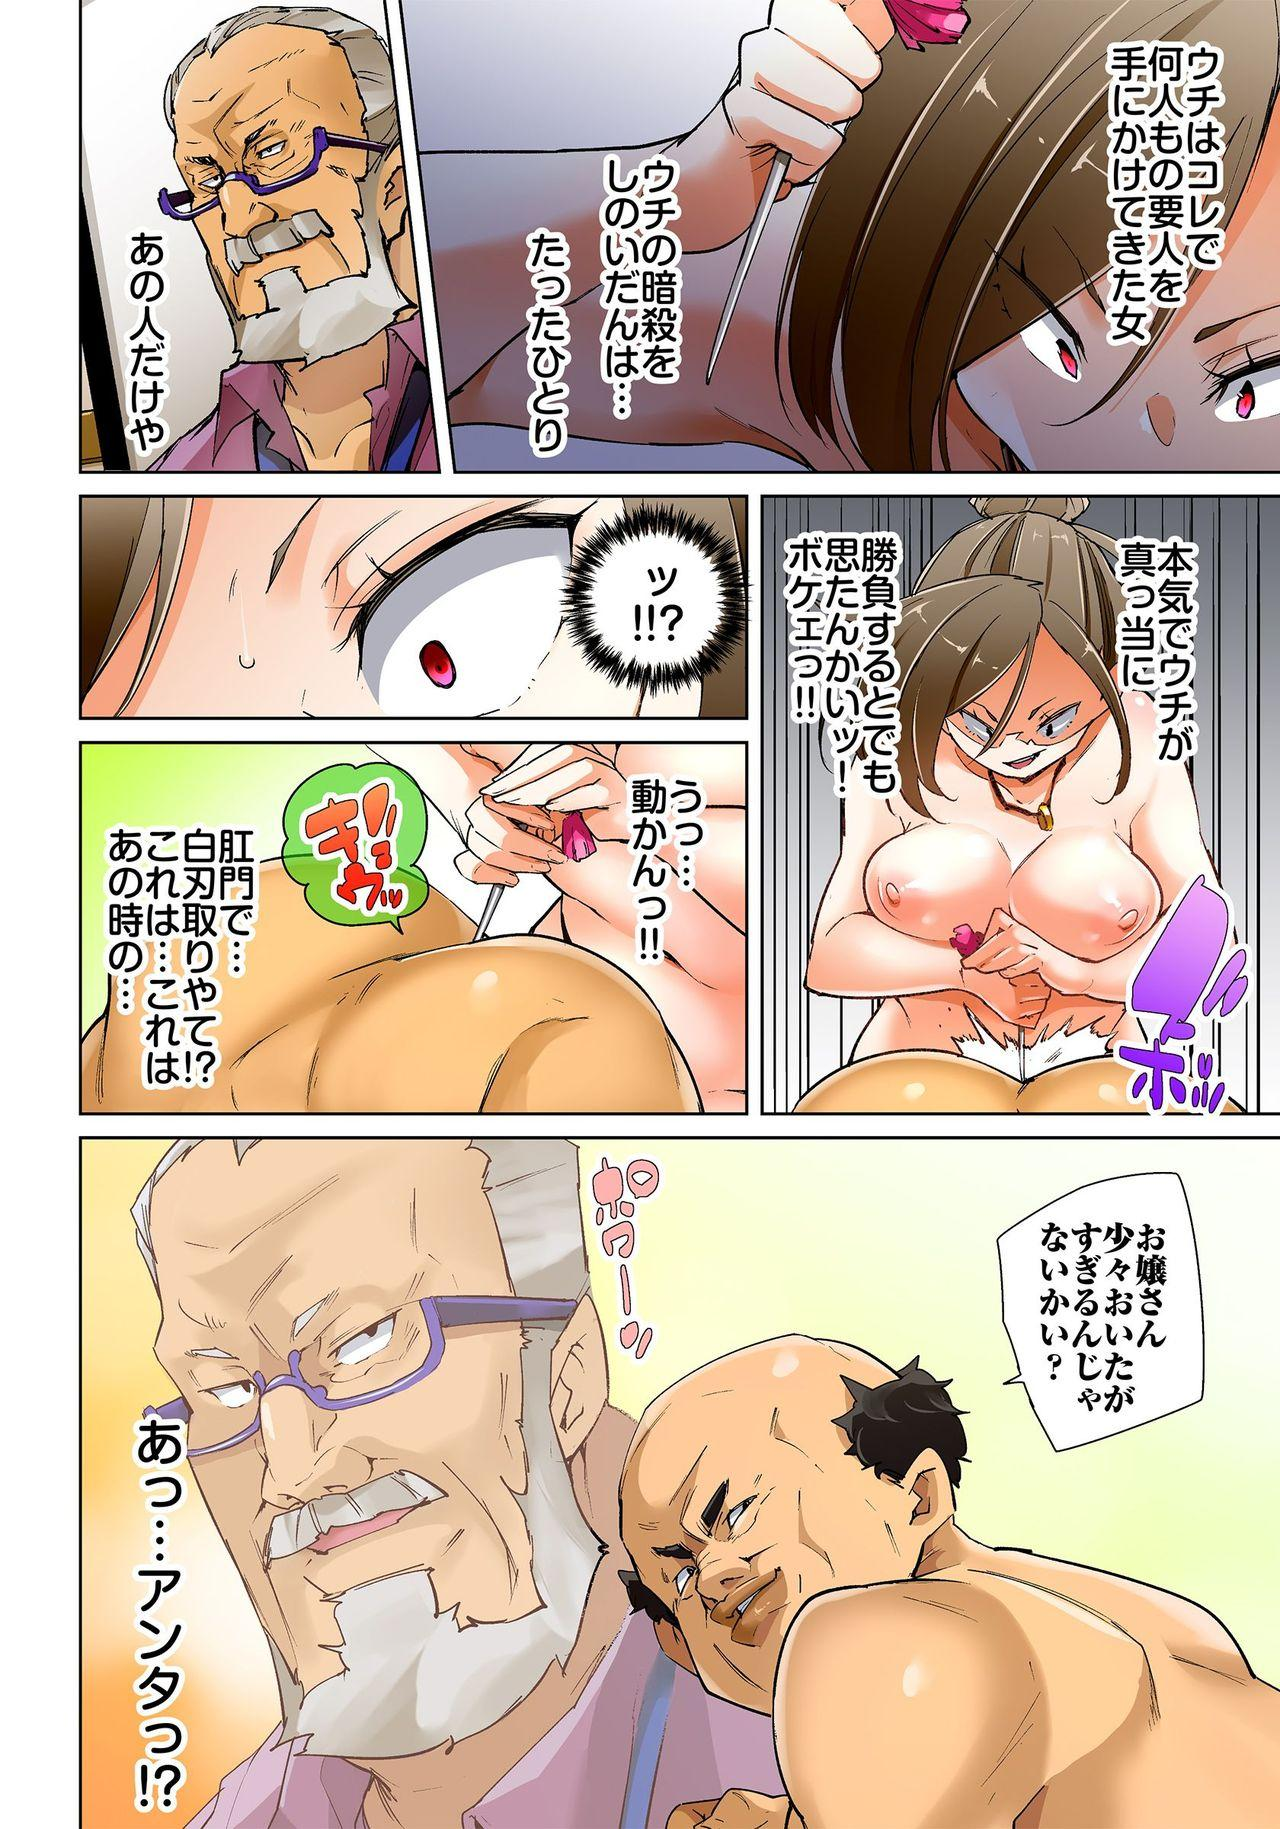 [Marui Maru] Hattara Yarechau!? Ero Seal ~Wagamama JK no Asoko o Tatta 1-mai de Dorei ni~ 1-15 [Digital] 377